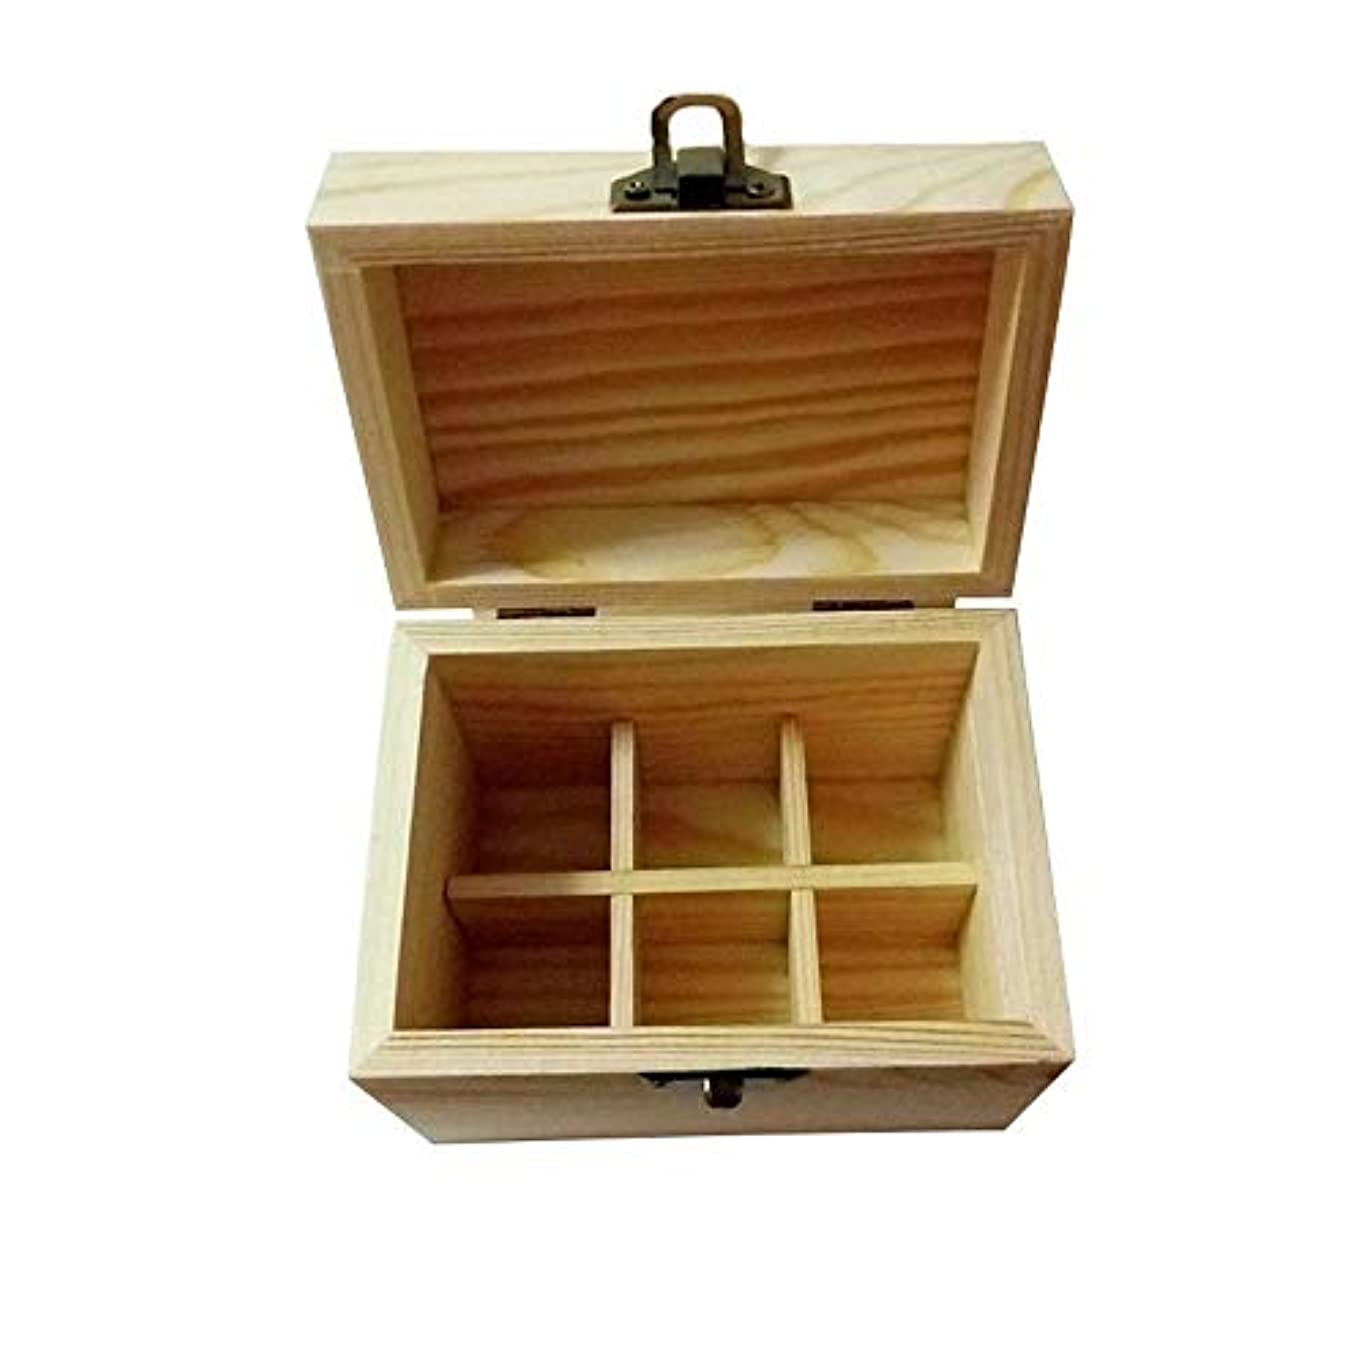 シビック養うピストルエッセンシャルオイル収納ボックス エッセンシャルオイルストレージボックスケース木製??の主催者は表示11.5x8x9.5cmを運び、ホームストレージセーフ6本のボトルを保持します (色 : Natural, サイズ :...